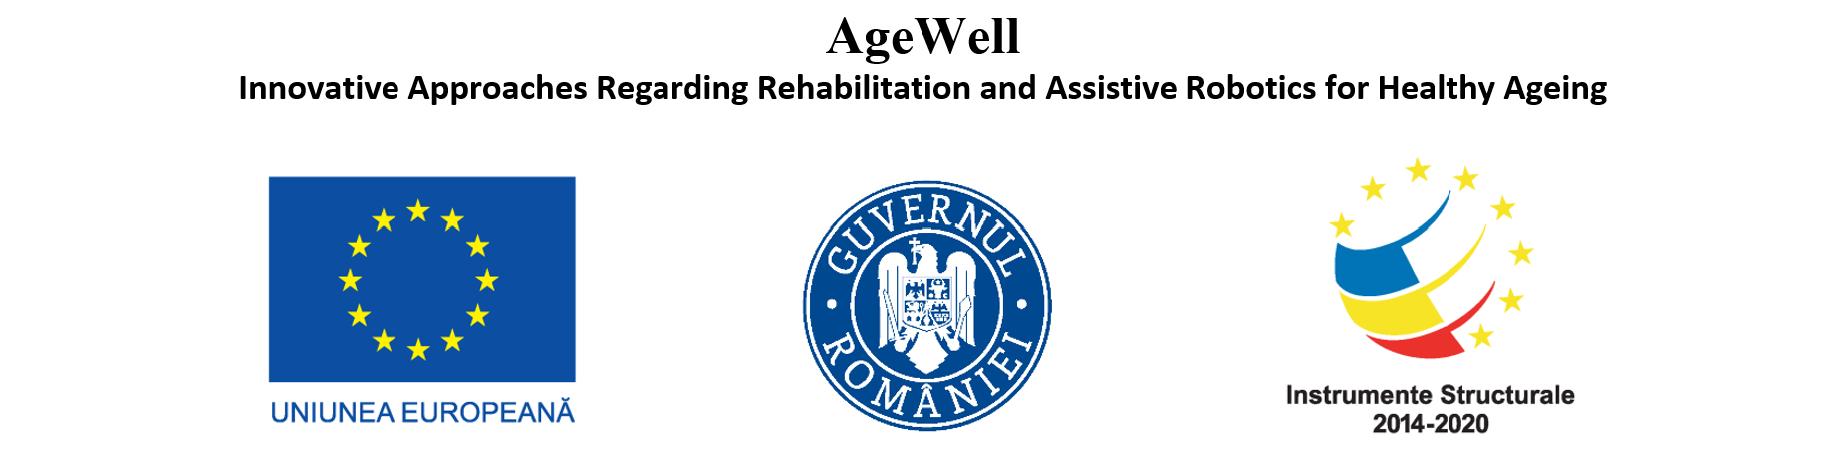 AgeWell - Dezvoltarea inovativă a unor sisteme robotice pentru reabilitare și asistare în îmbătranirea sănătoasă